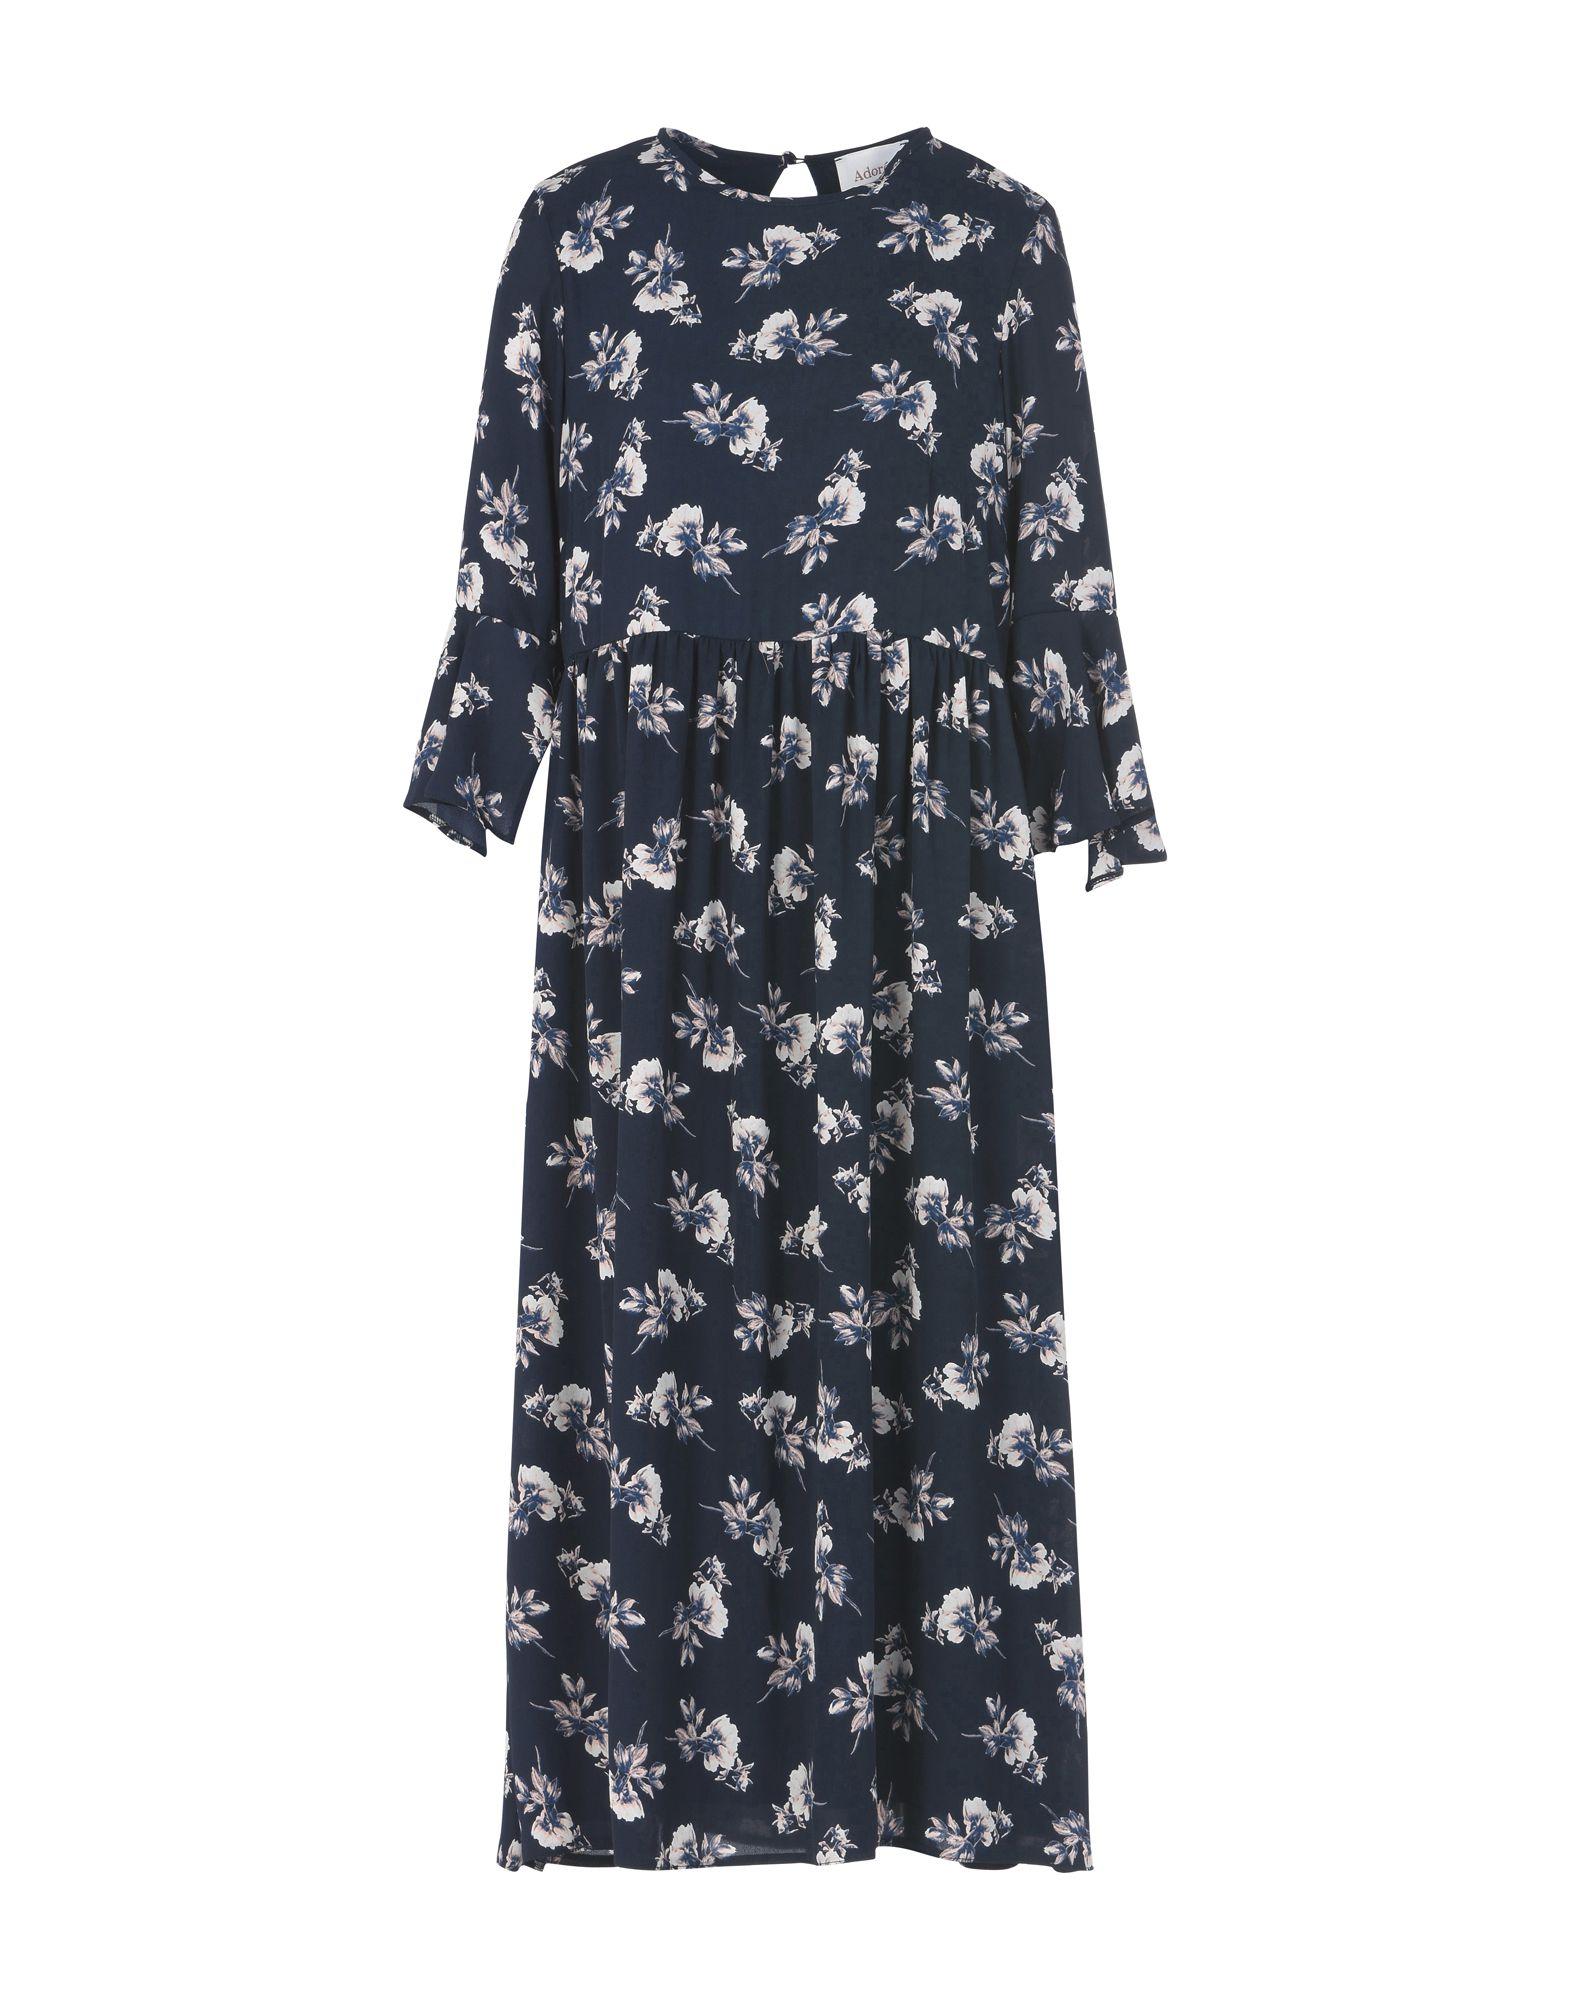 ADORÉE Платье длиной 3/4 boss black платье длиной 3 4